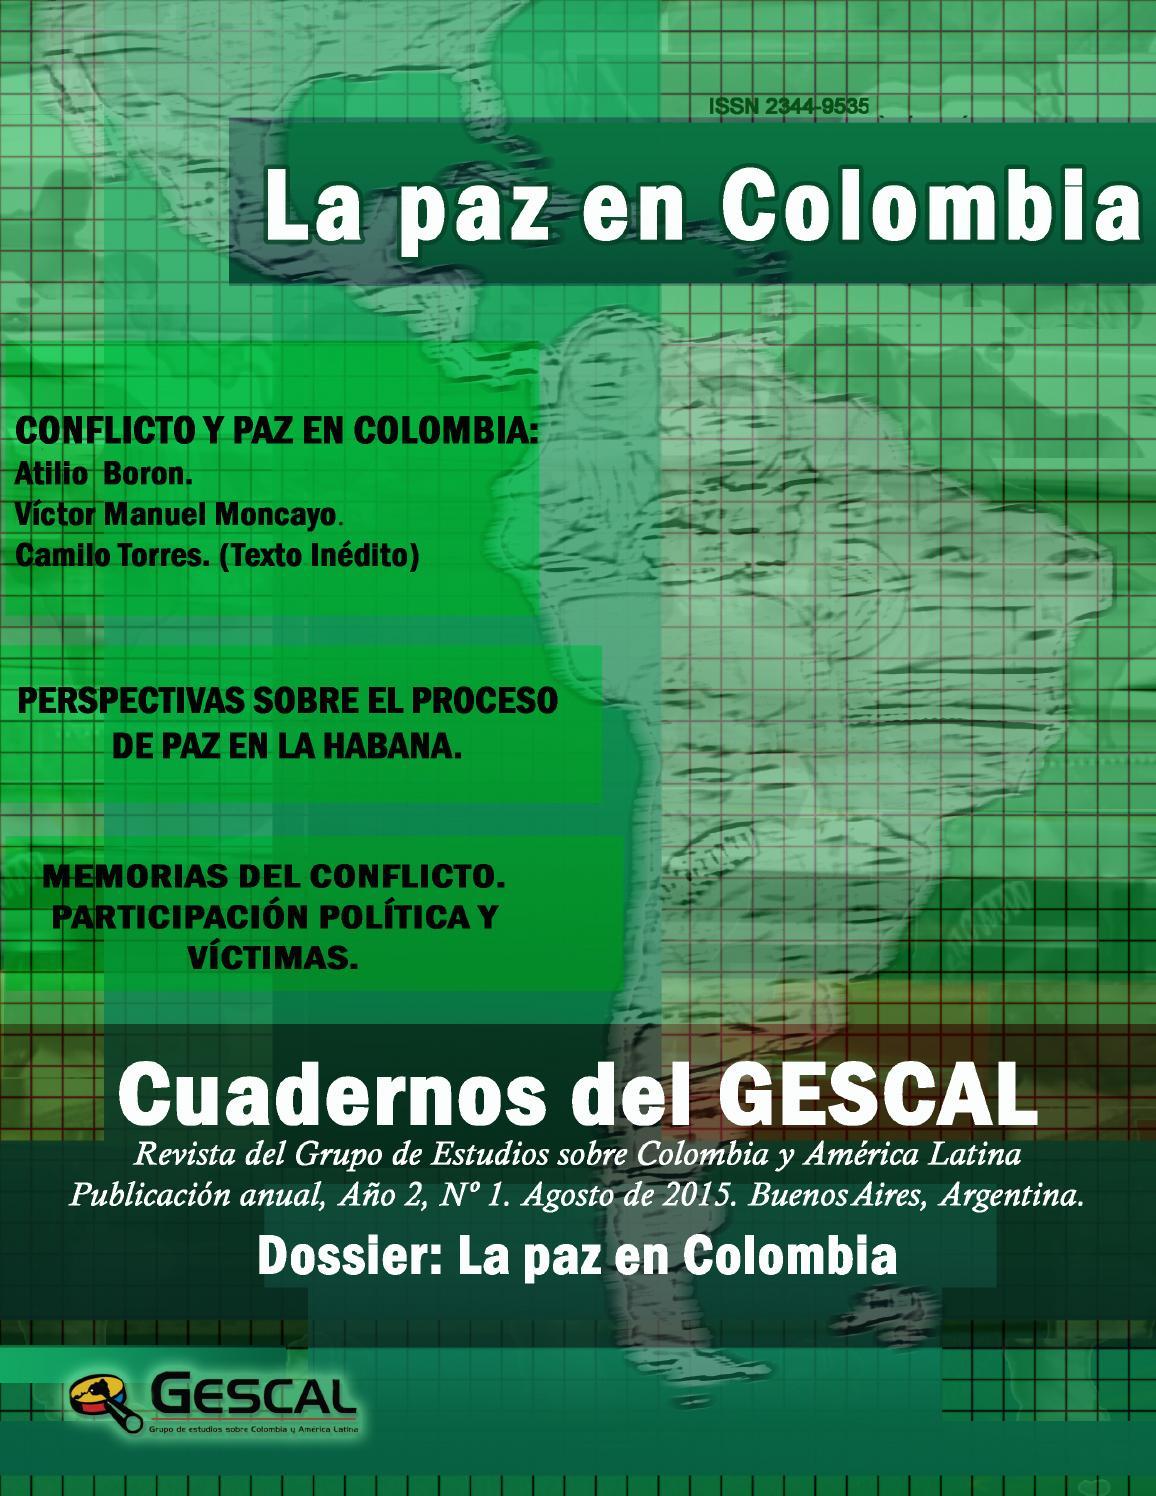 Cuadernos del gescal 2 1 2015 by grupo de estudios sobre colombia y am rica latina gescal issuu